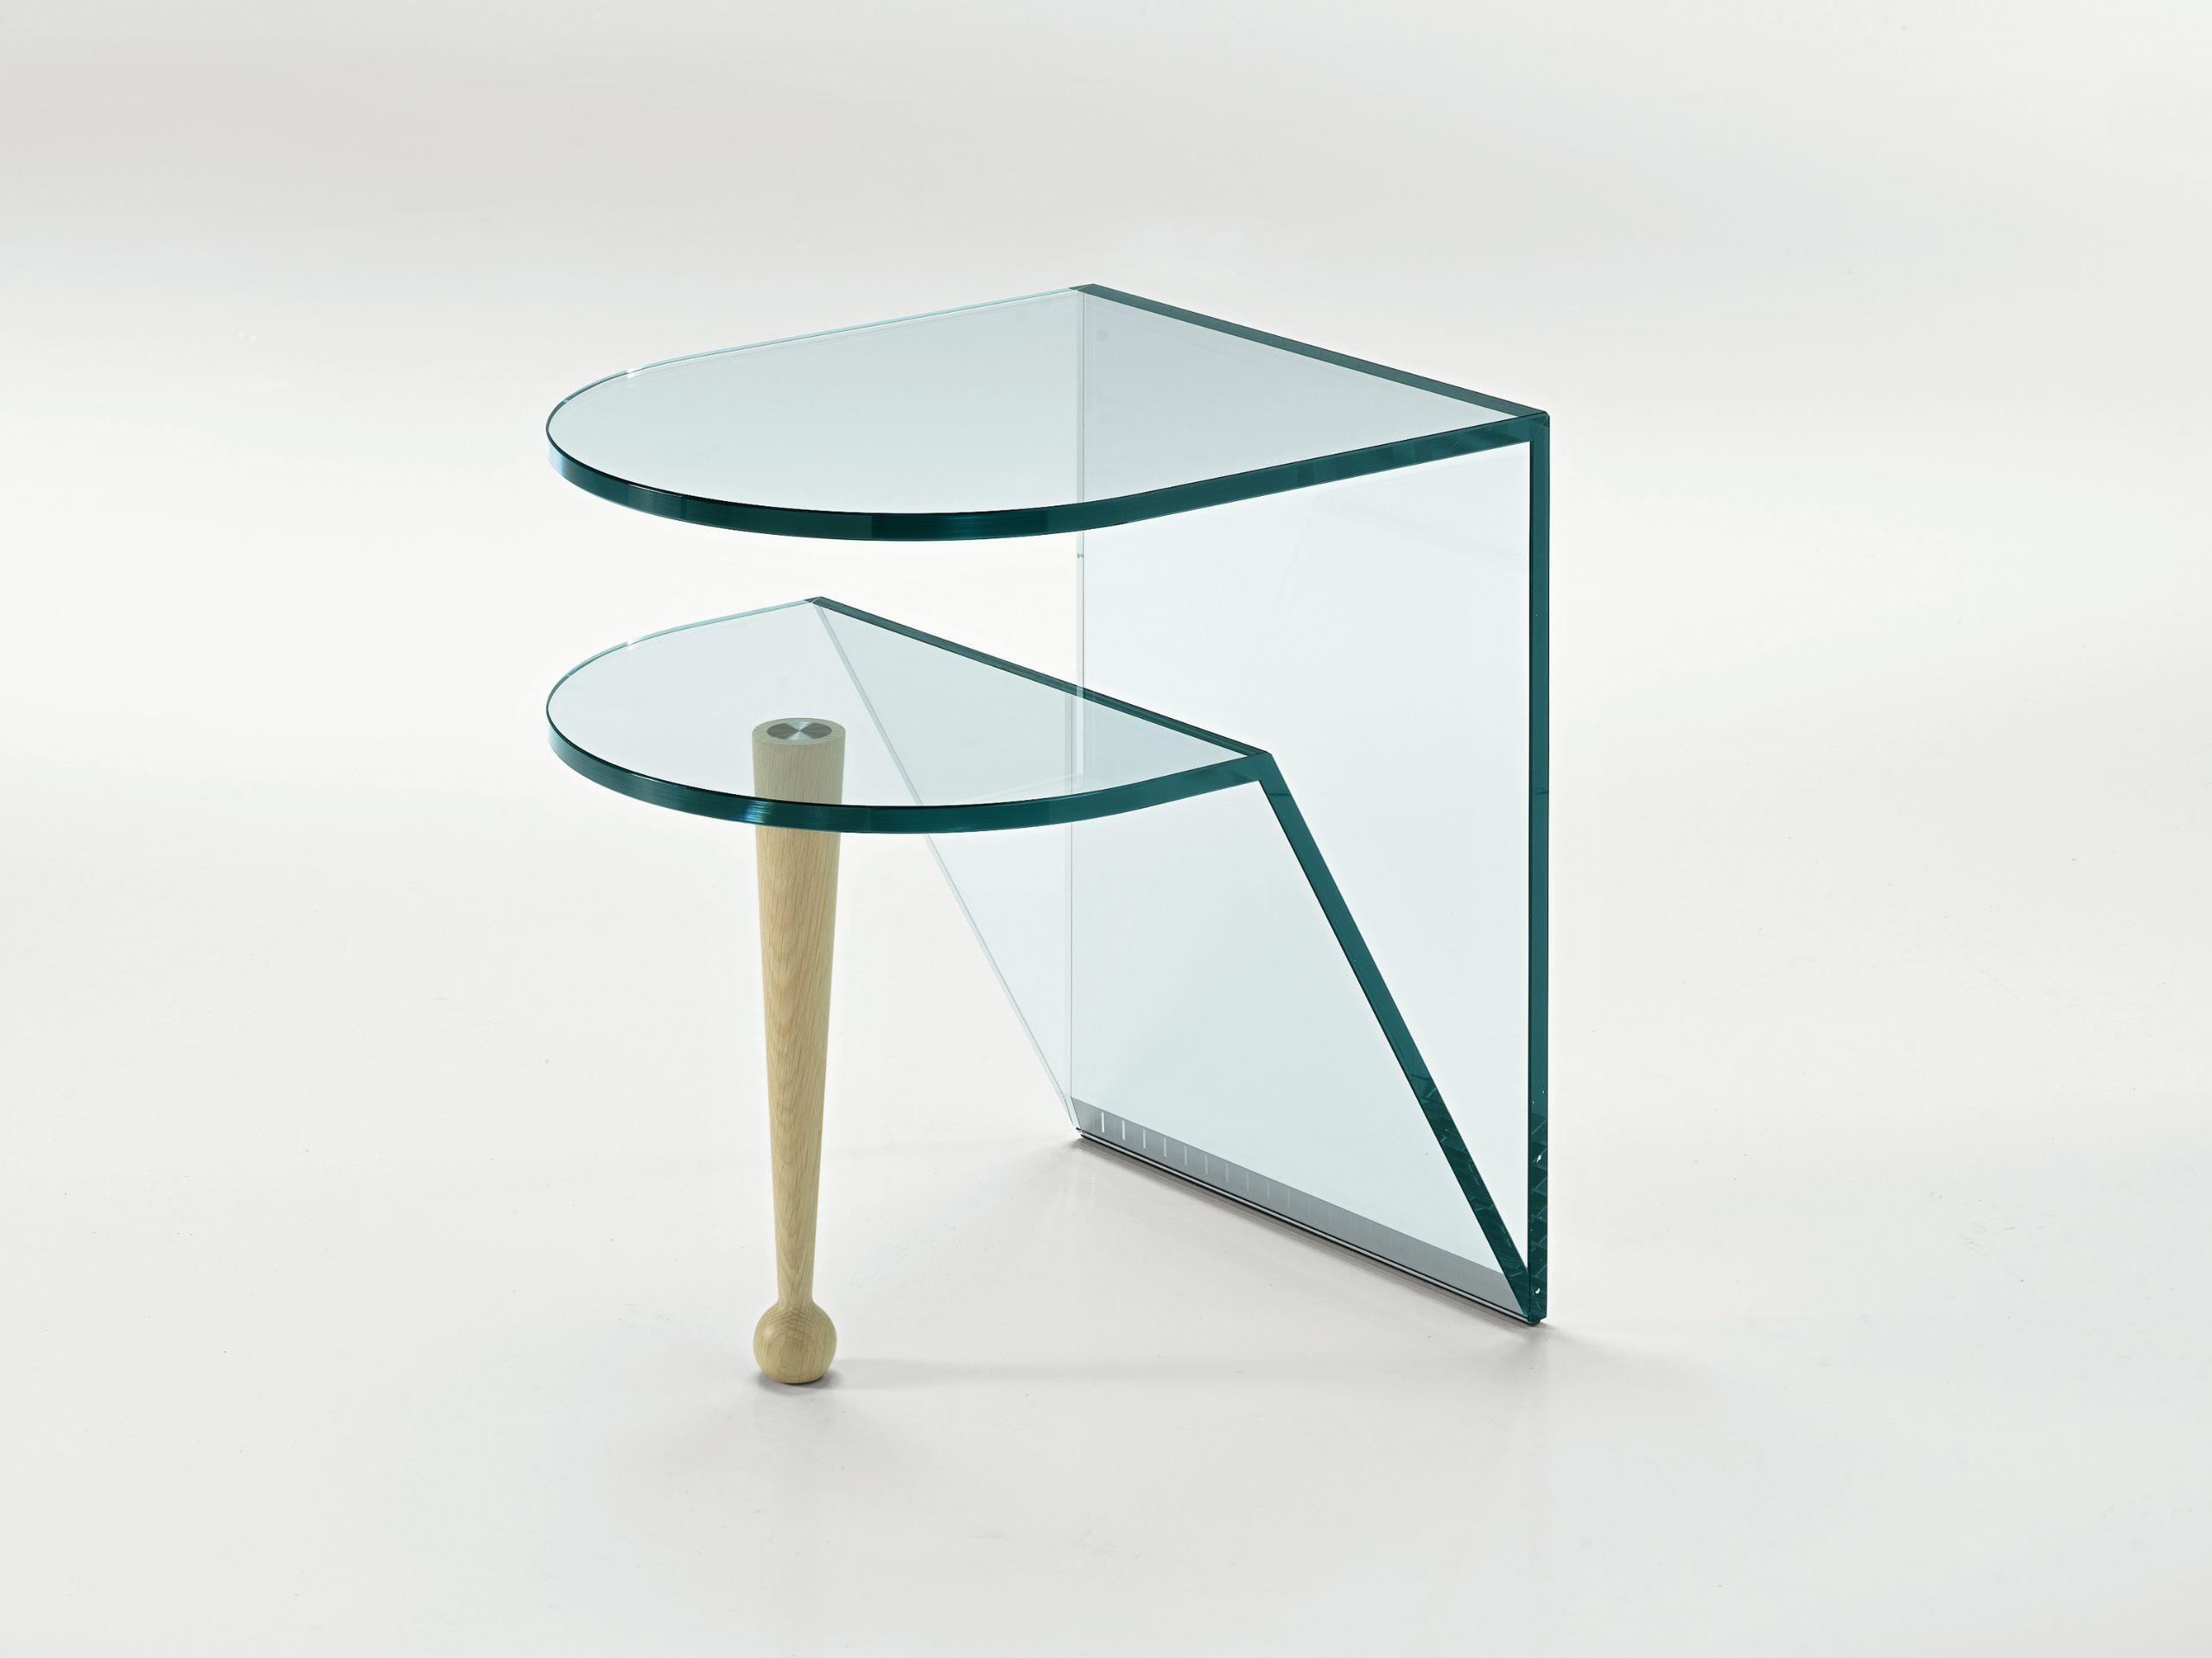 Table en verre console ordinateur table d 39 appoint 80 x - Table d appoint ordinateur ...